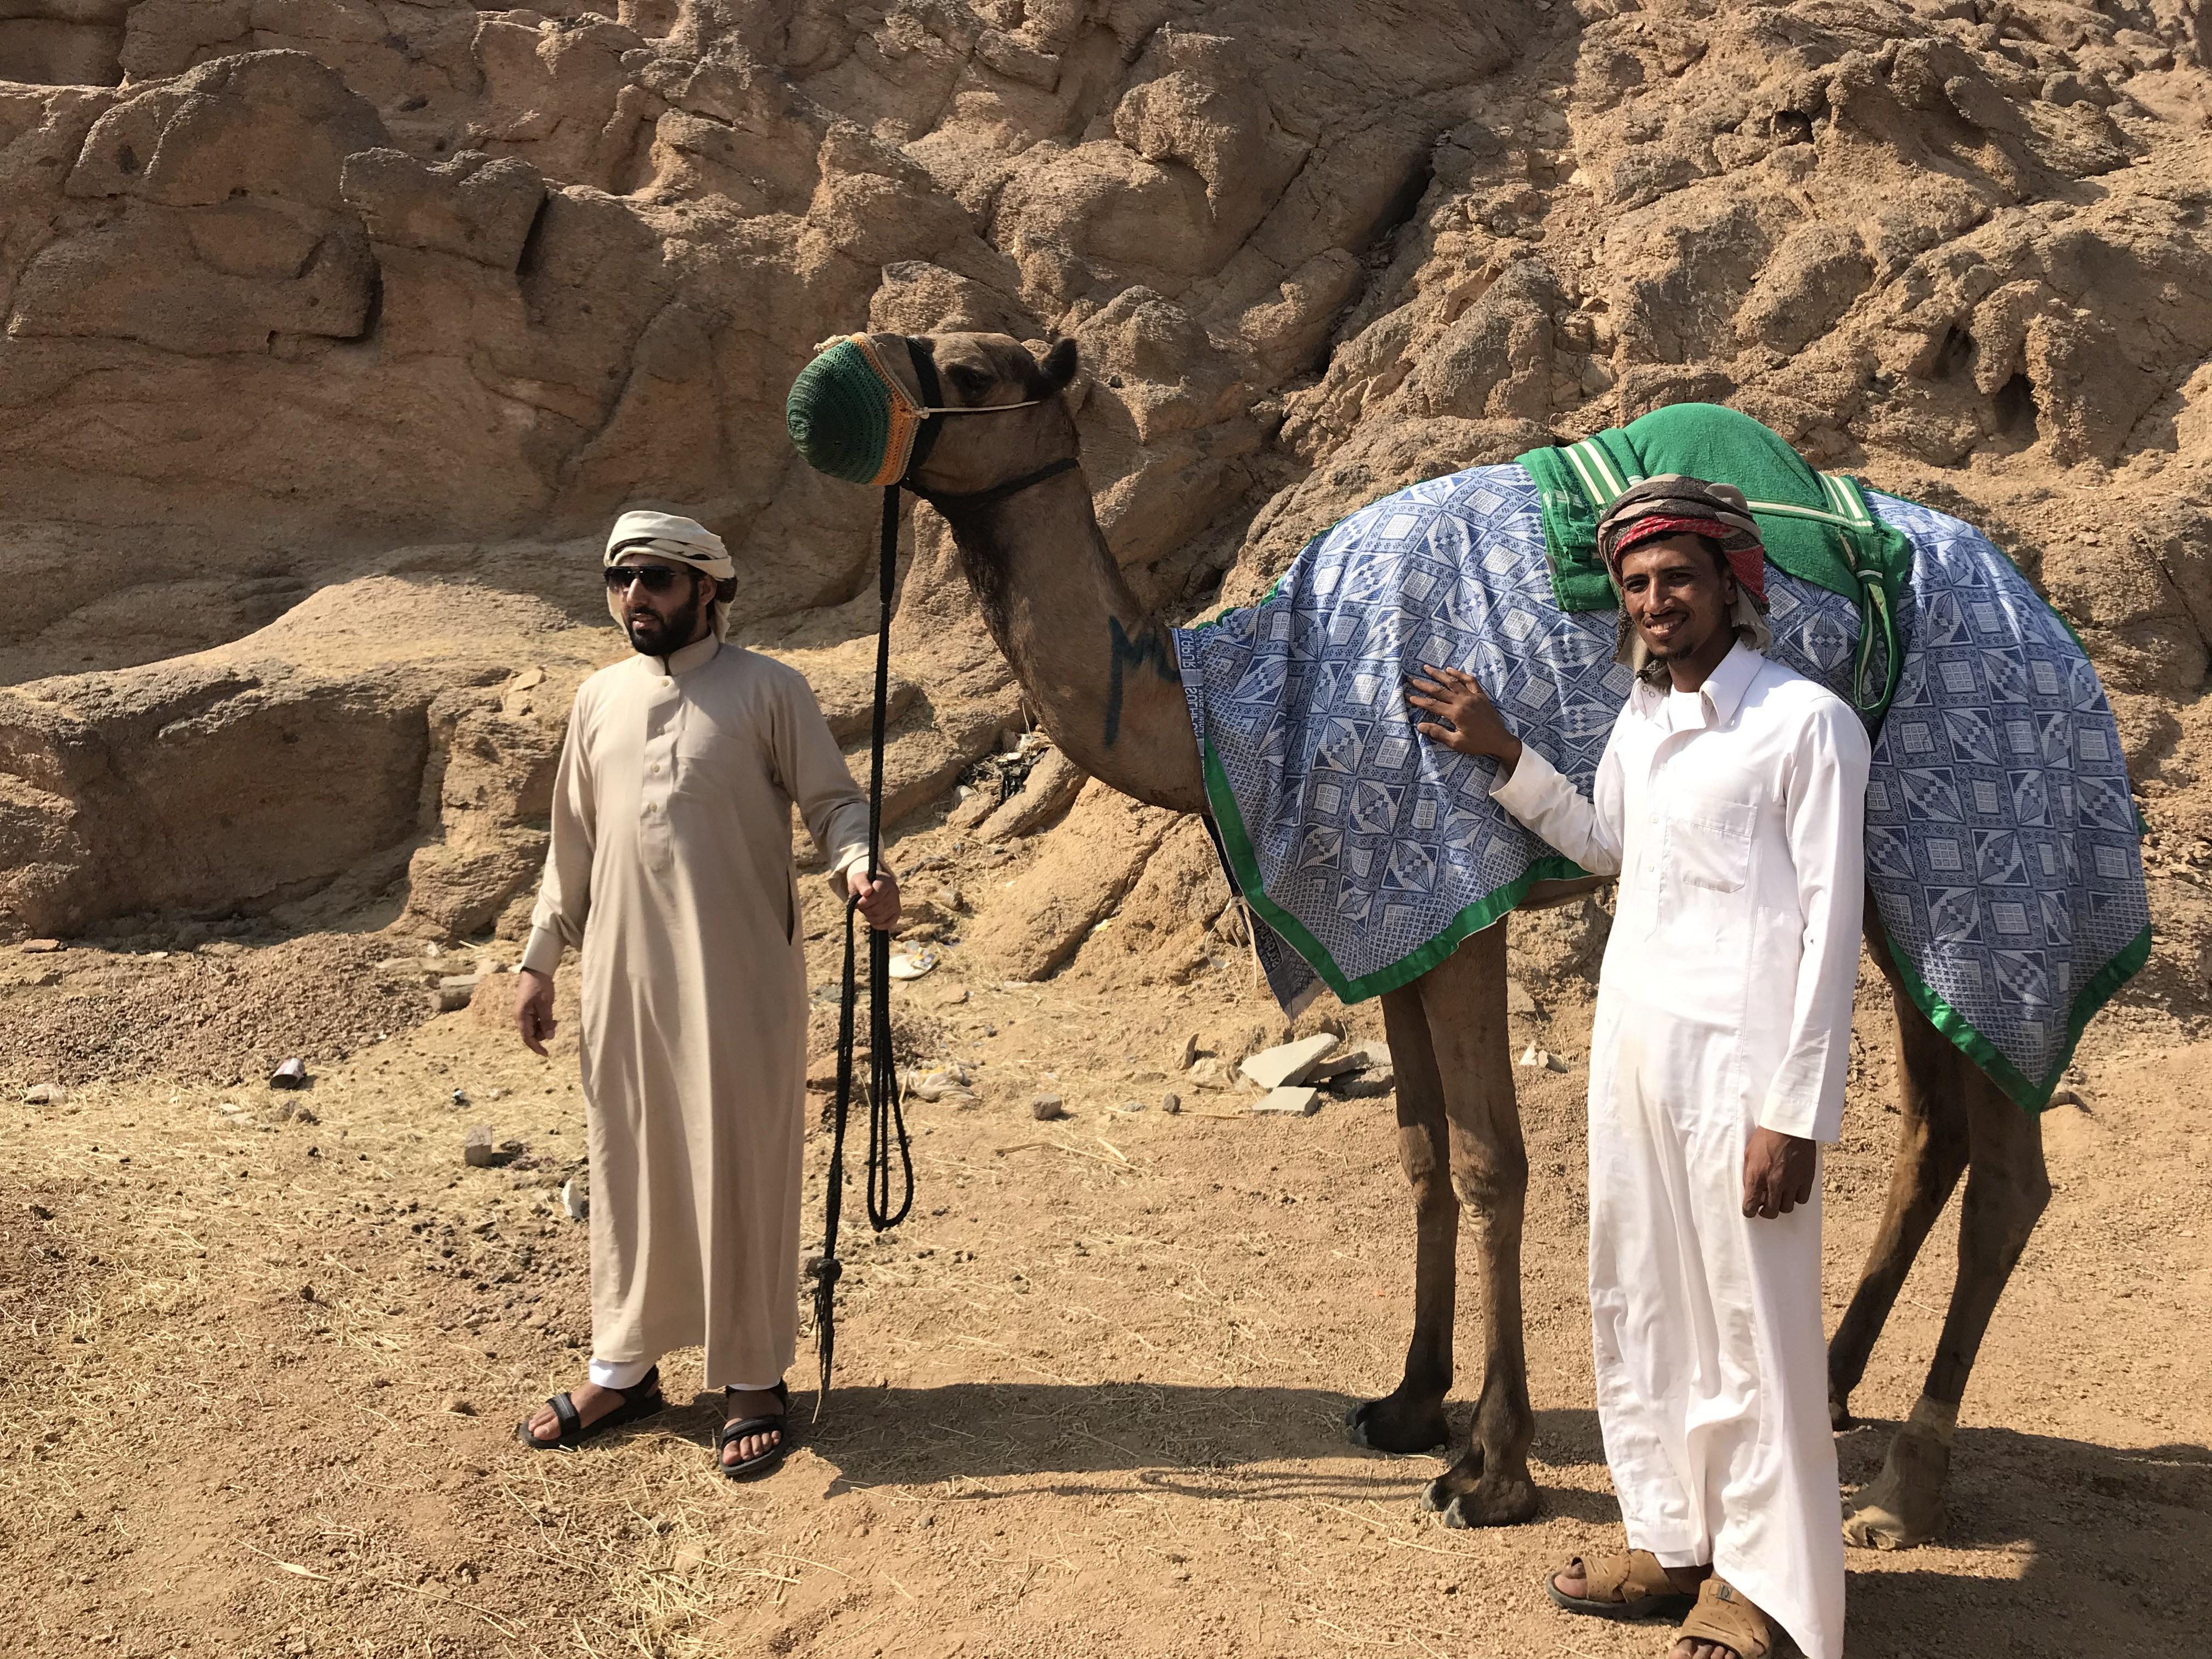 المشاركون فى مهرجان الهجن بشرم الشيخ من مختلف المحافظات (5)